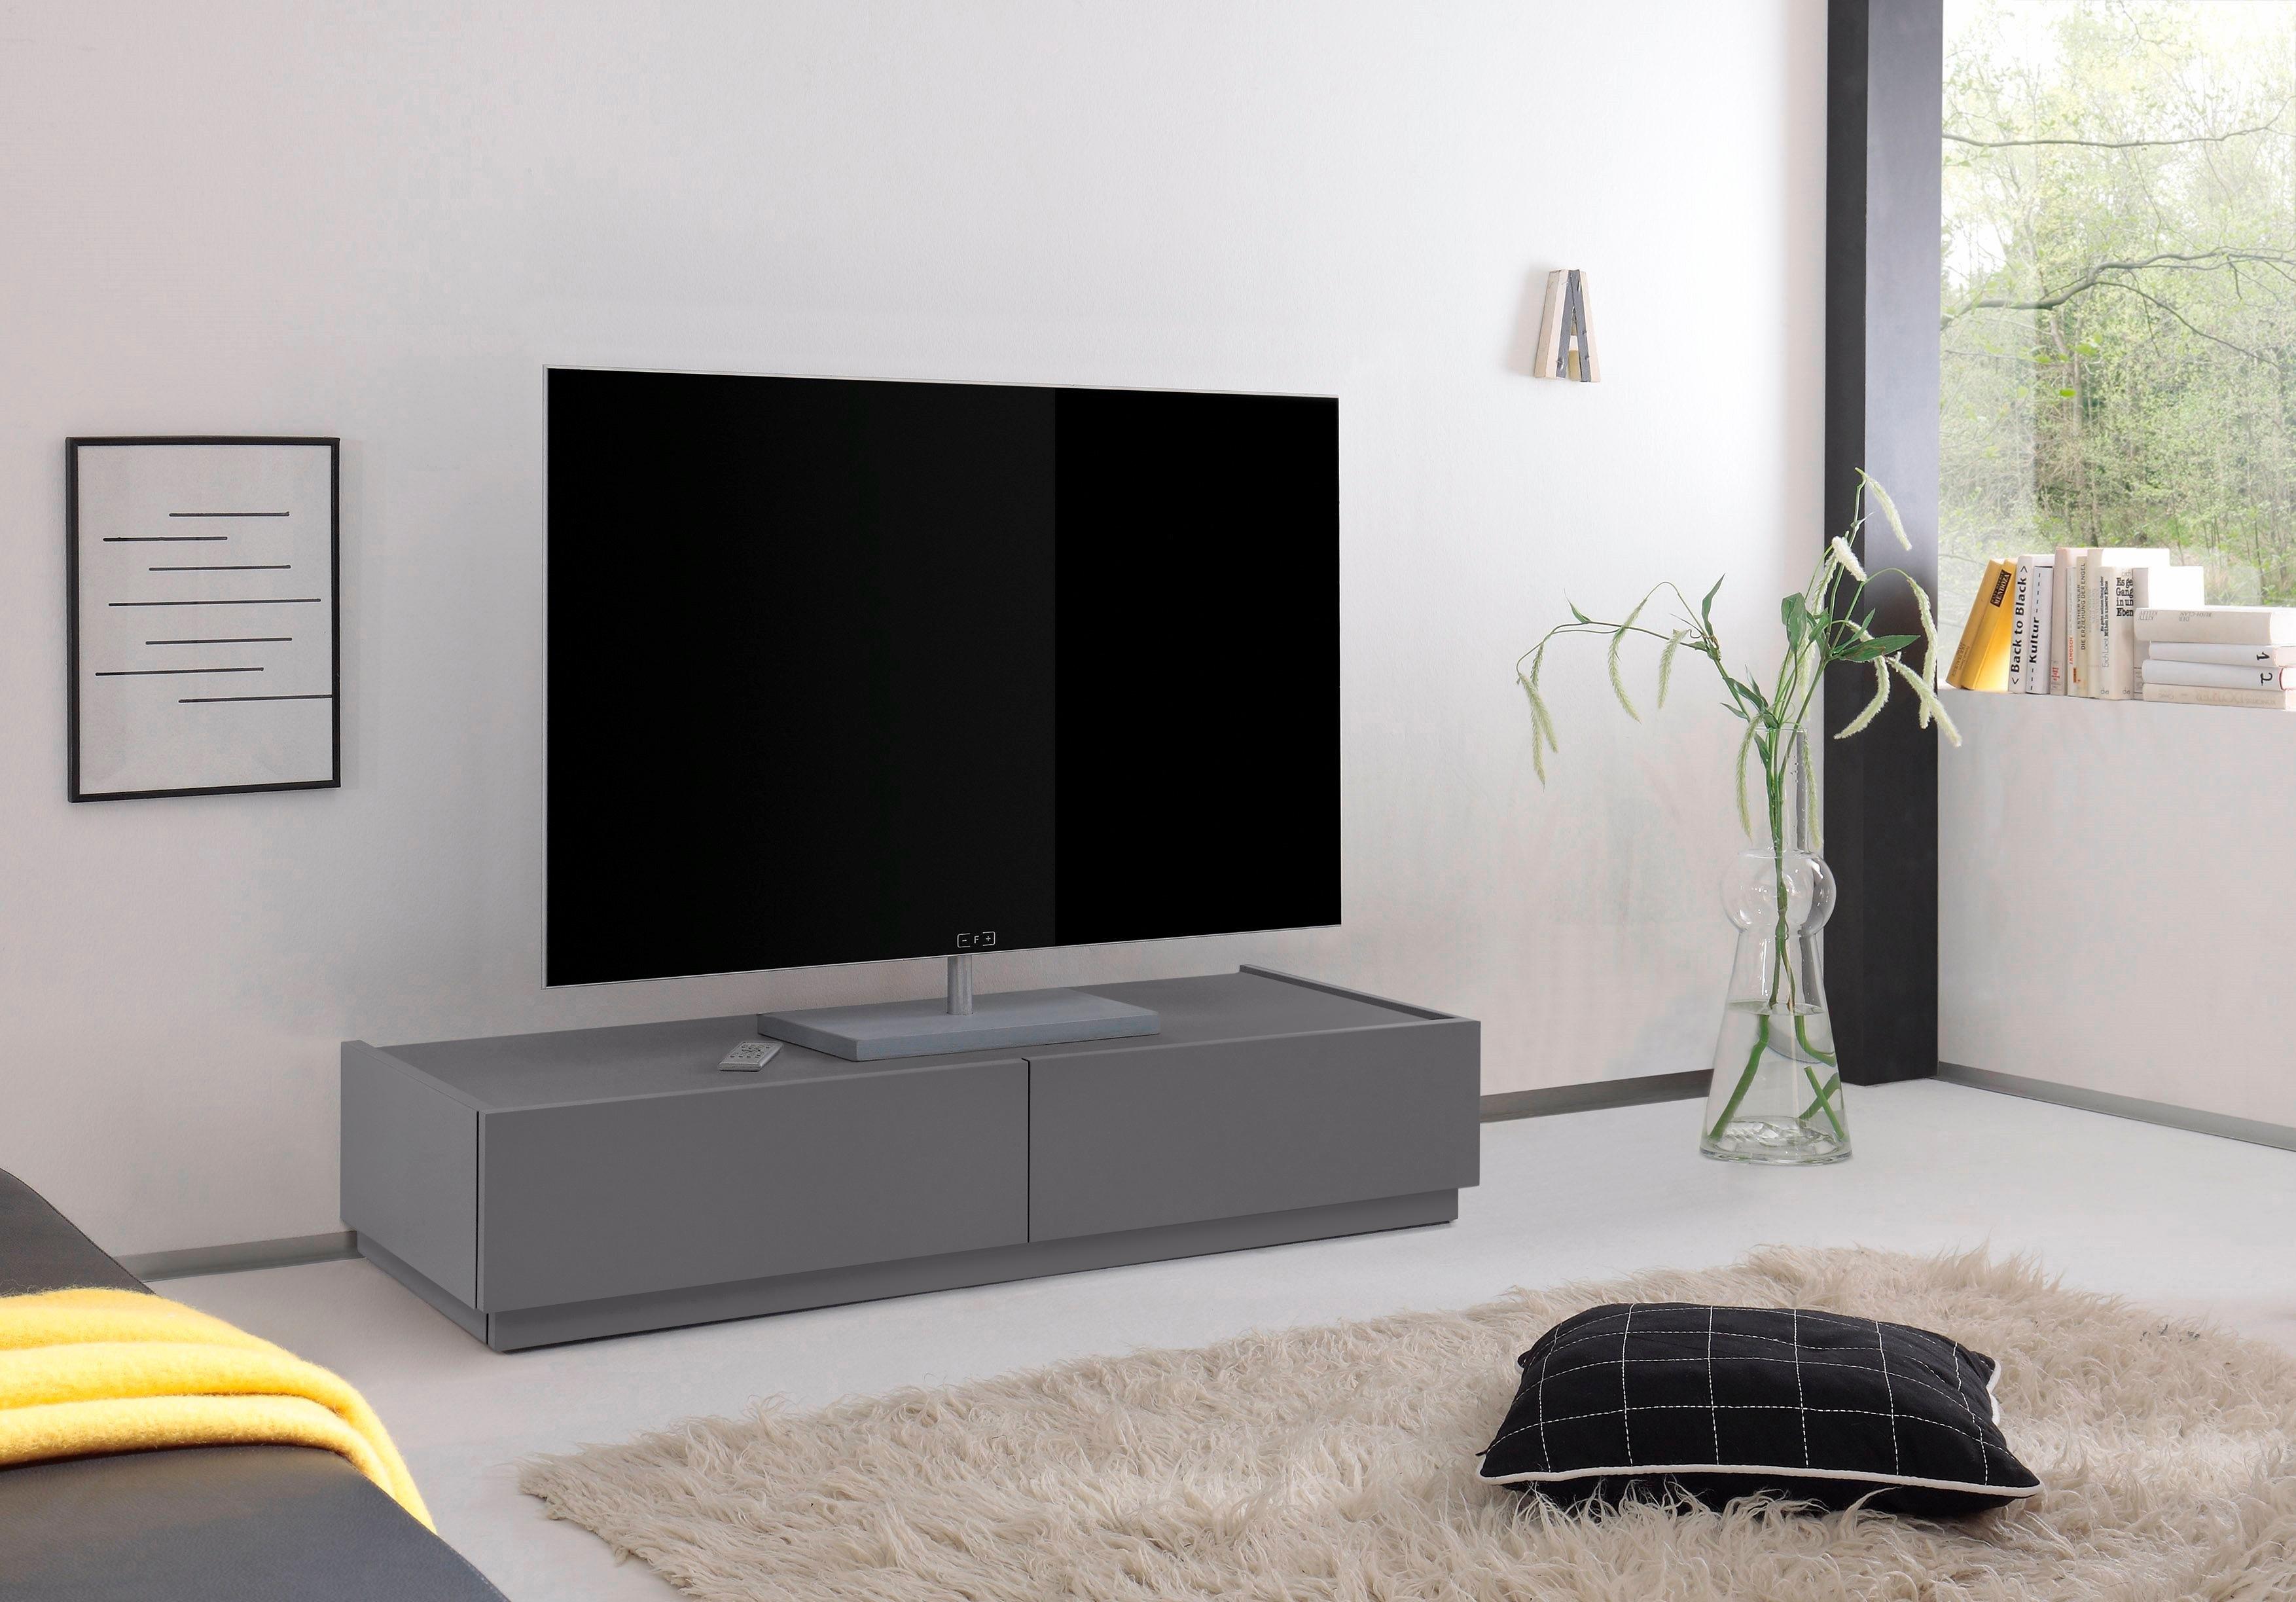 2 Tv Meubel.Tv Meubel Zela Met 2 Laden Breedte 123 Cm